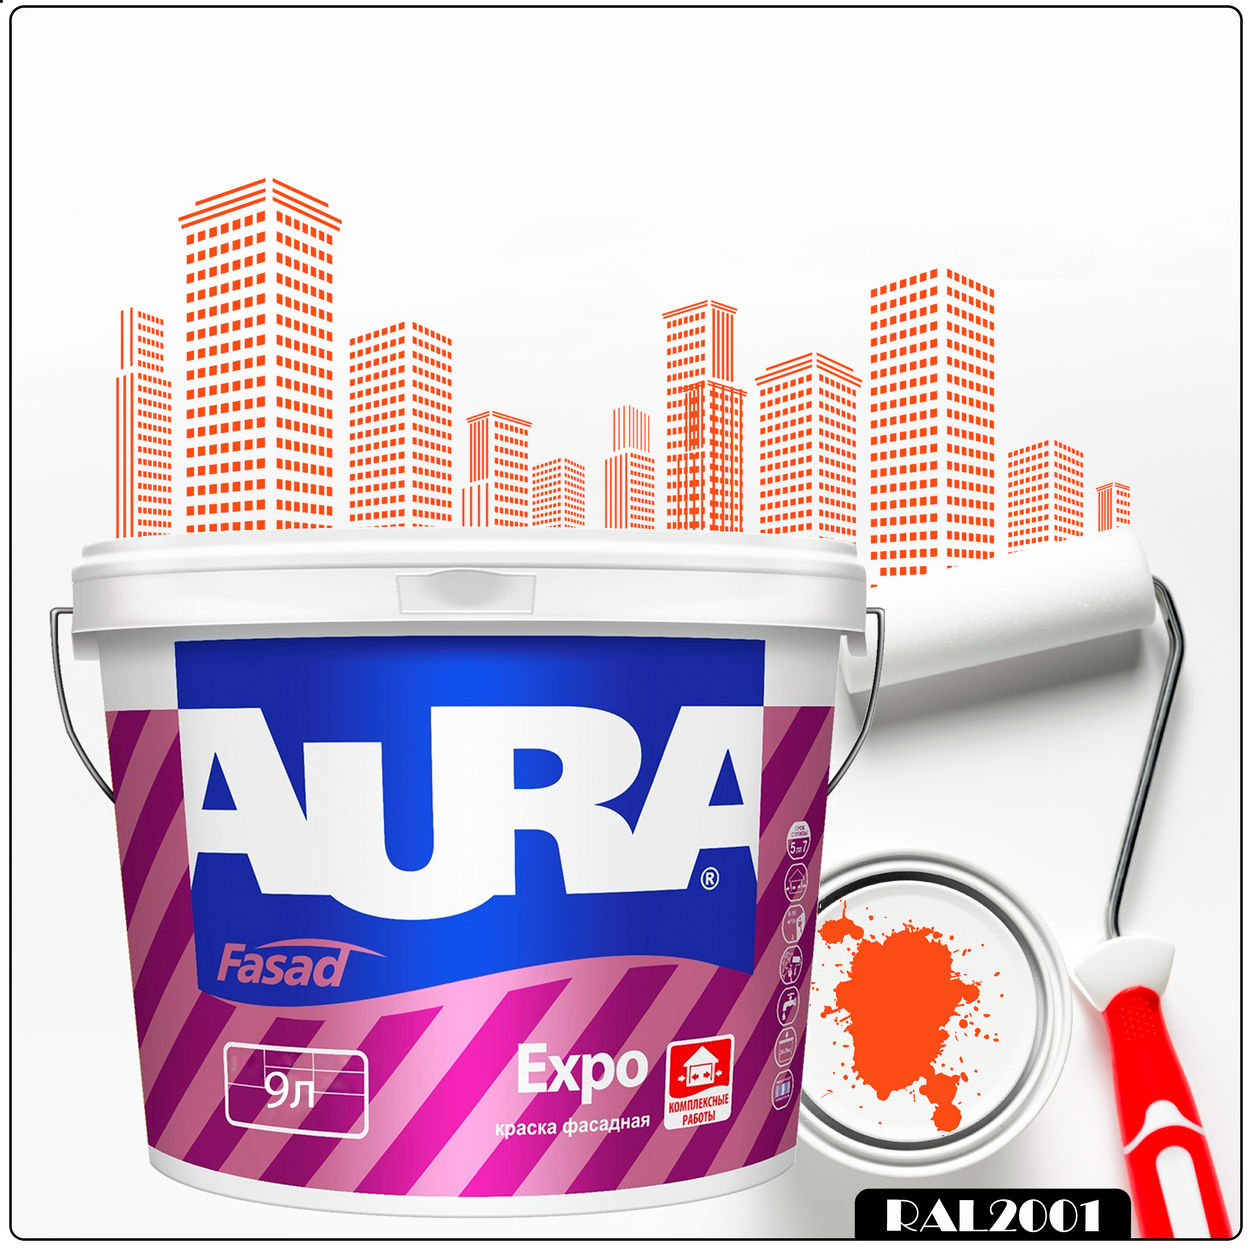 Фото 2 - Краска Aura Fasad Expo, RAL 2001 Красно-оранжевый, матовая, для фасадов и помещений с повышенной влажностью, 9л.